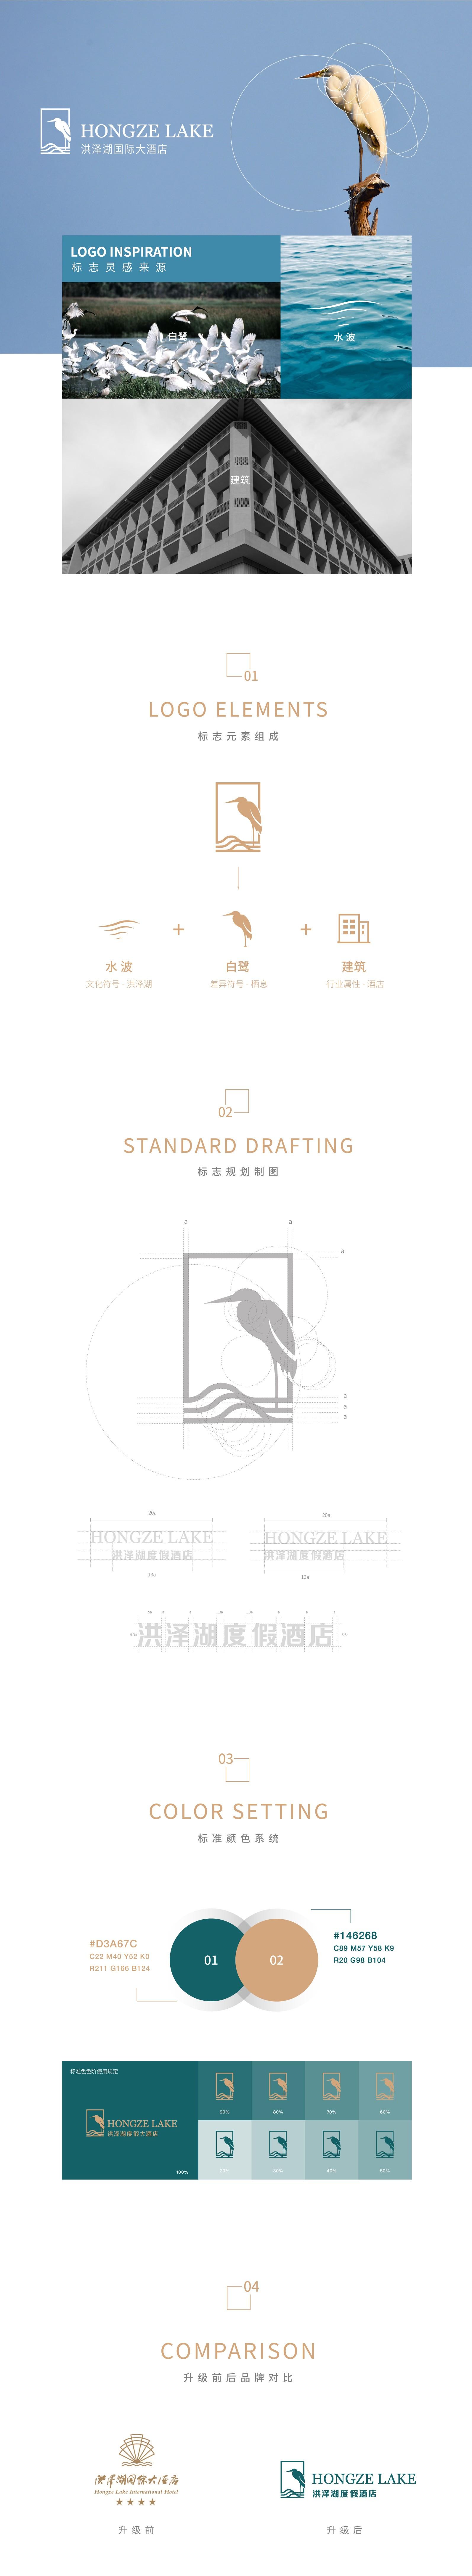 度假酒店品牌形象设计-杭州品牌设计-达岸品牌营销咨询